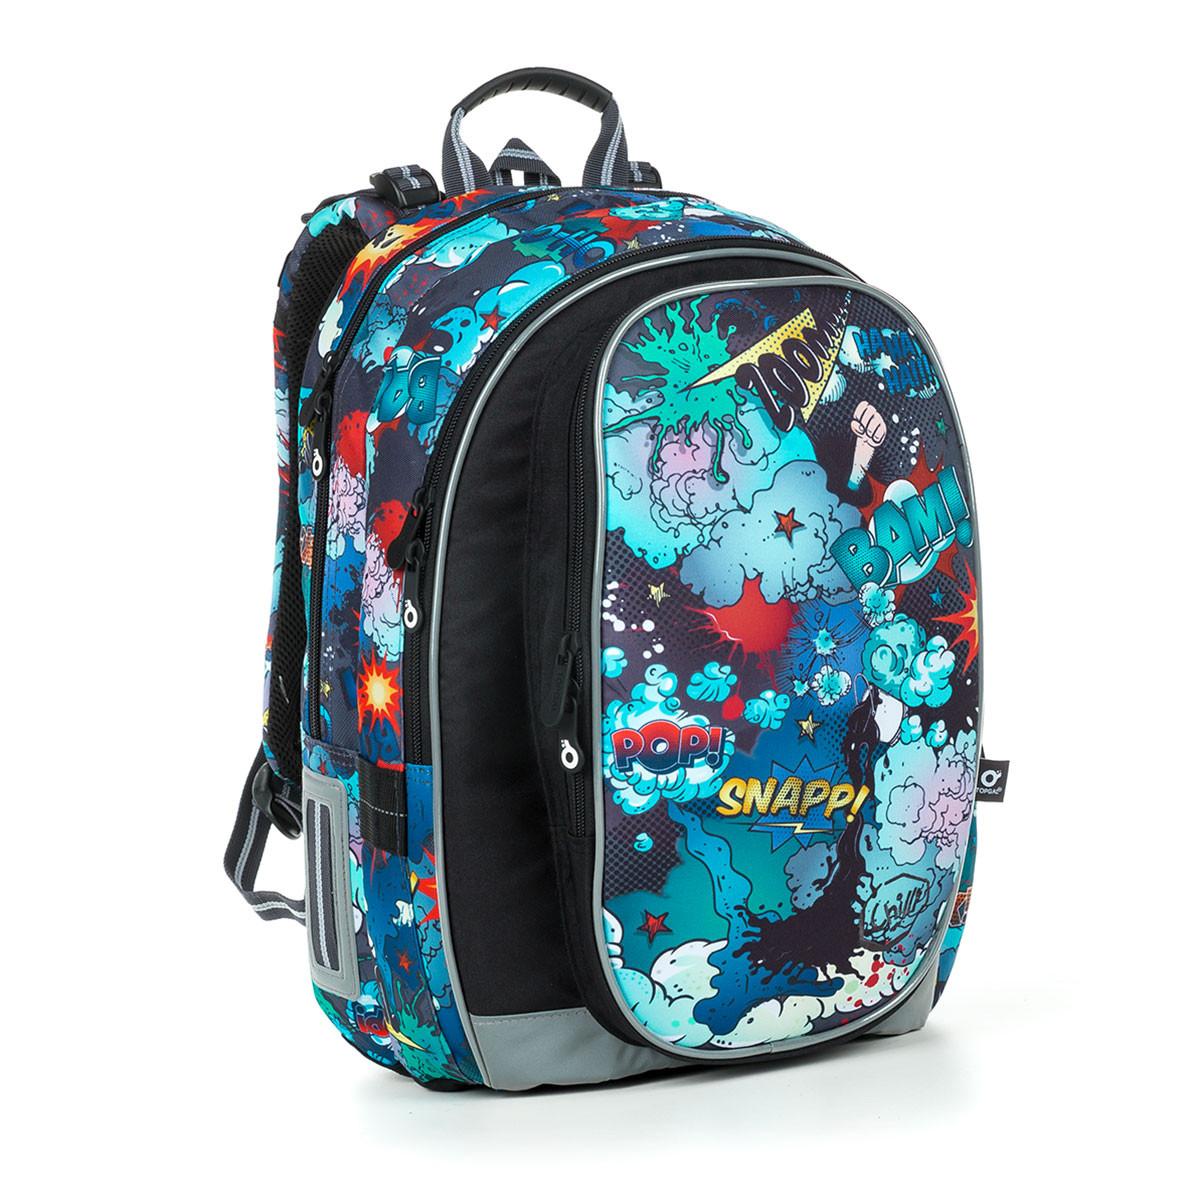 Školní batoh a penál Topgal MIRA 19019 B  69053c8bda